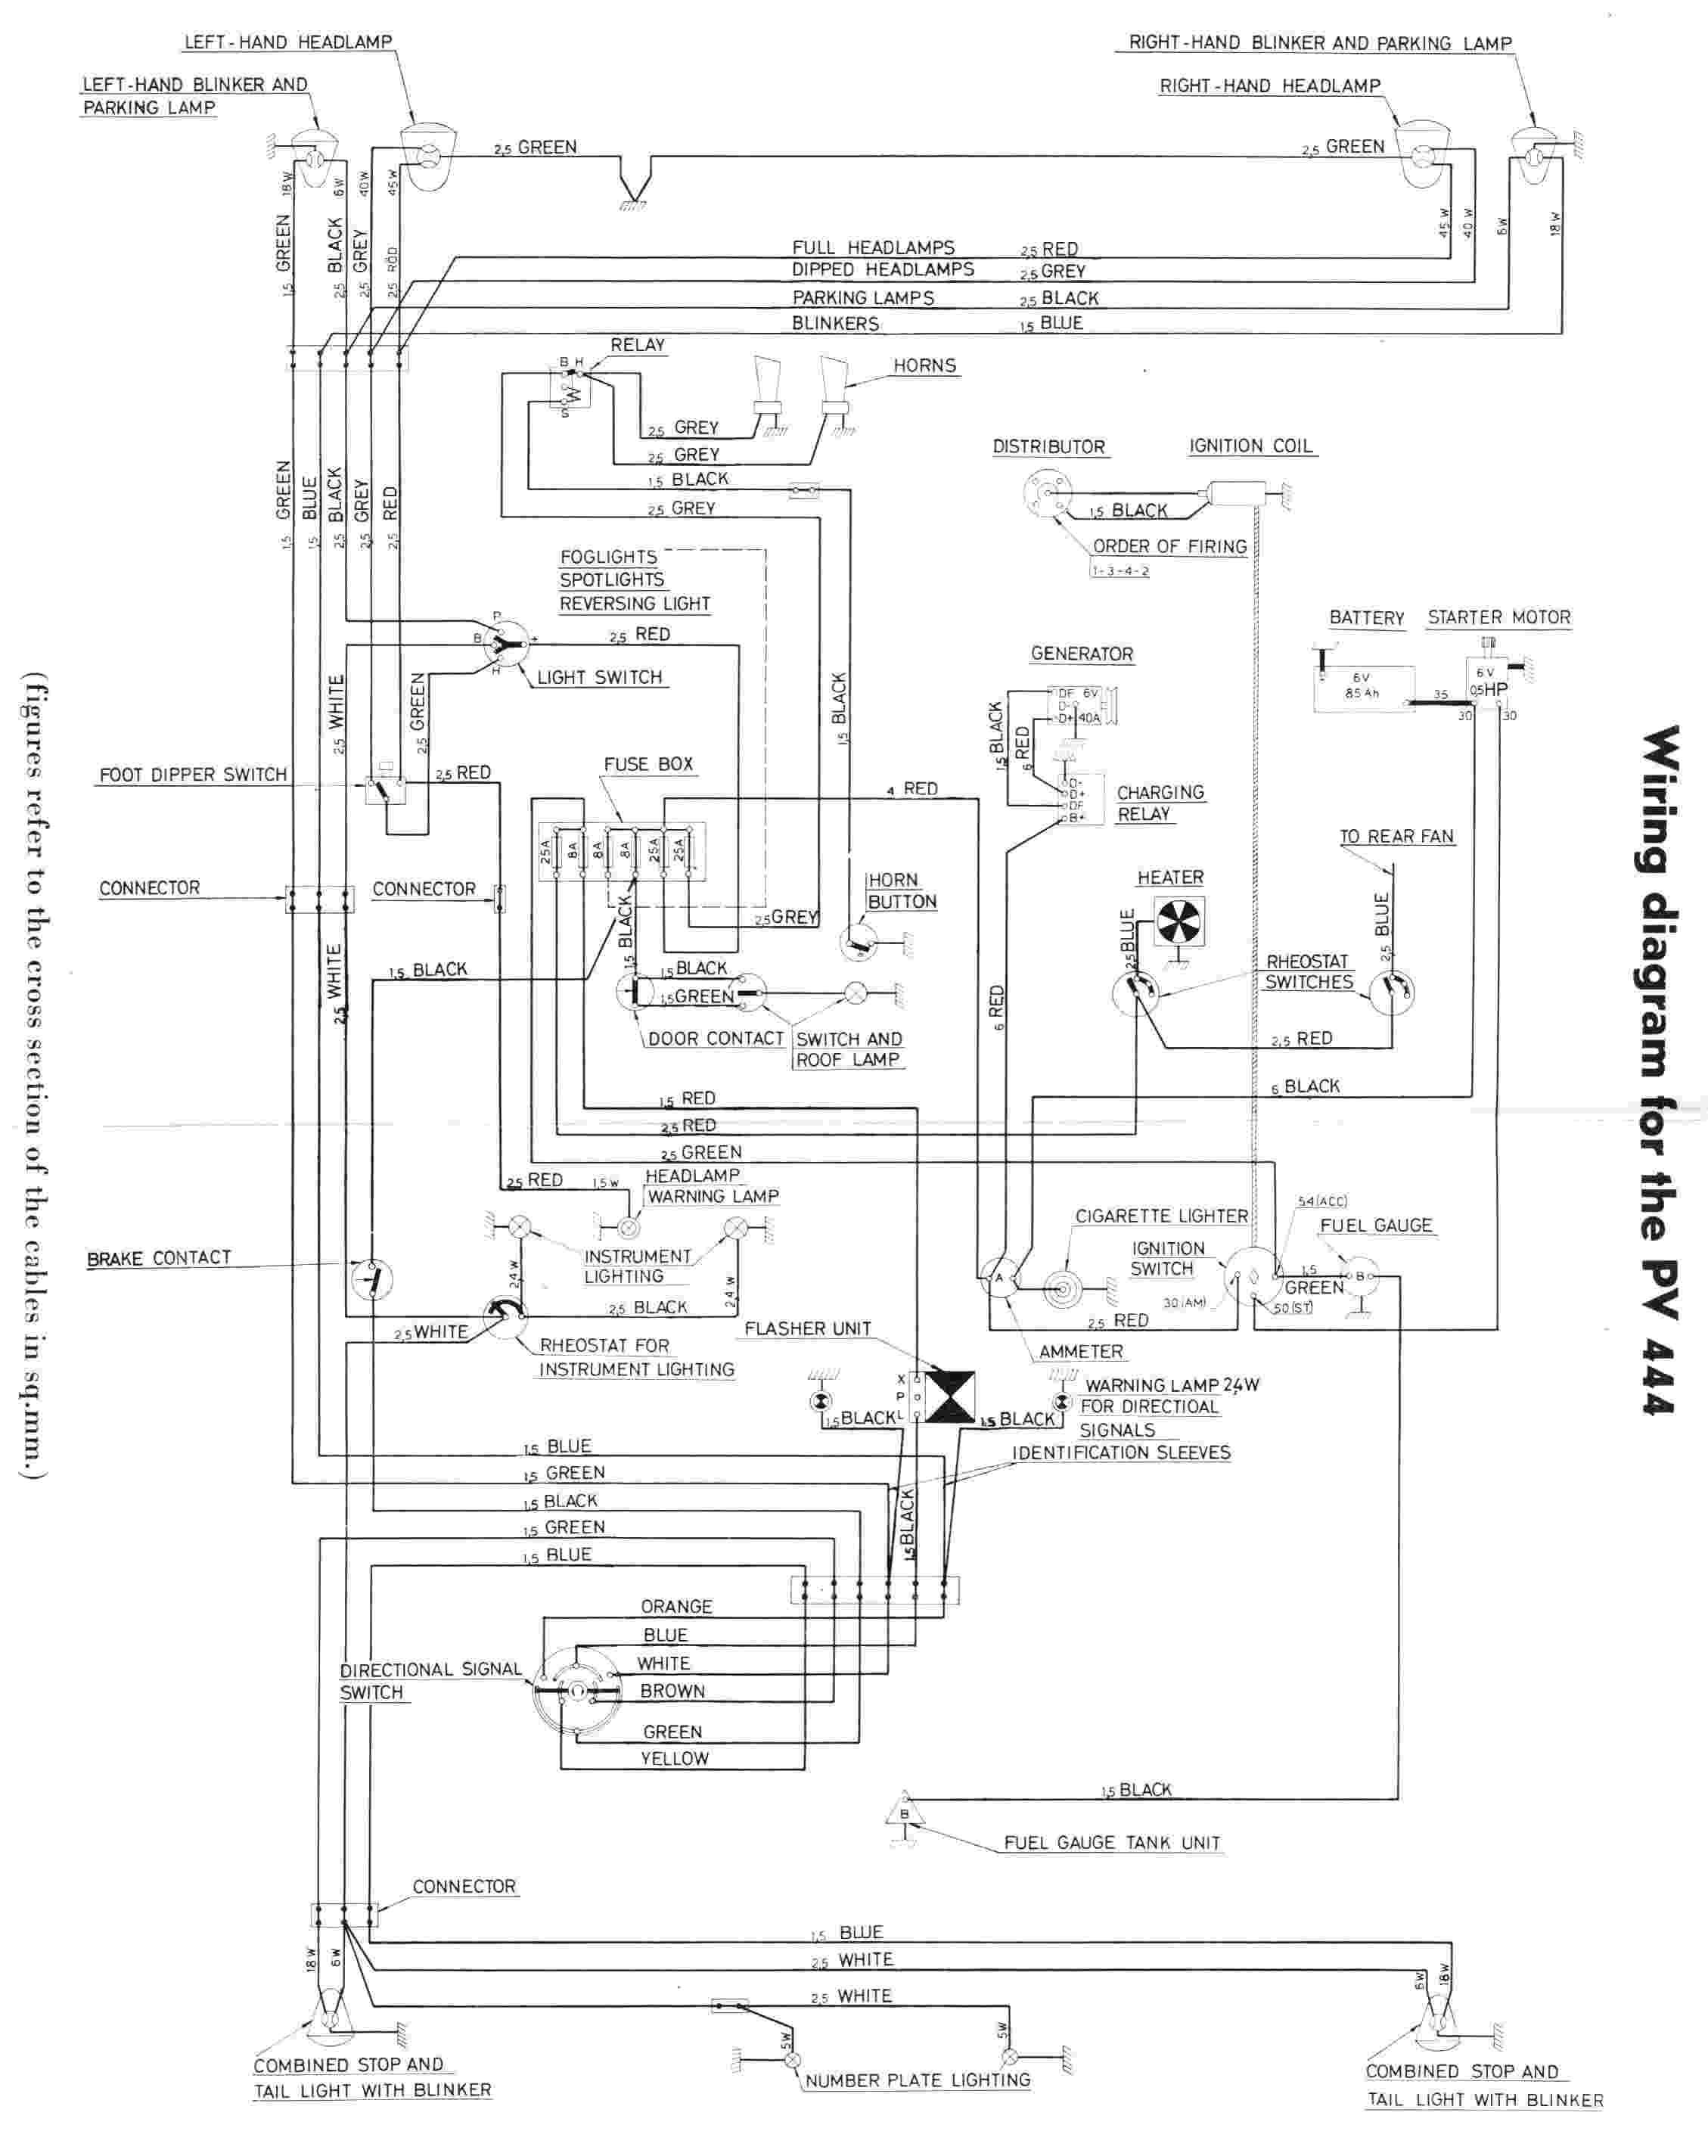 medium resolution of 1993 volvo 240 fuse diagram